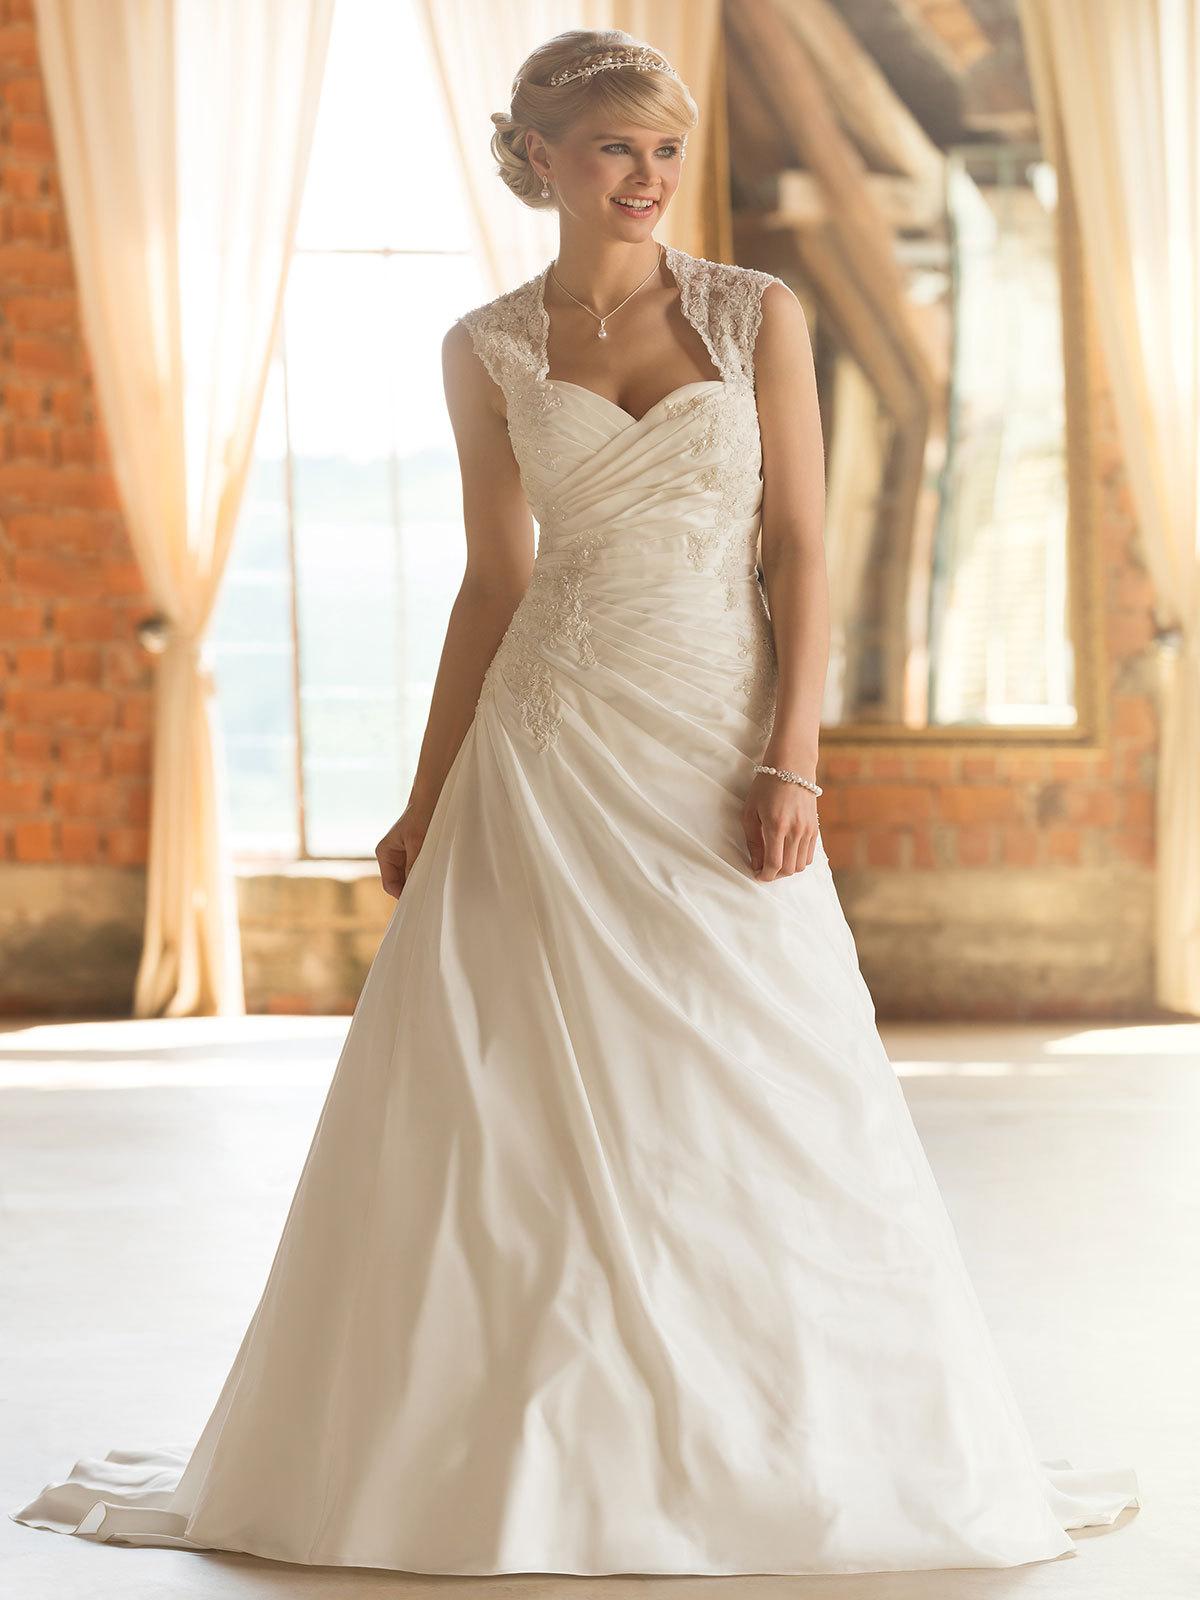 Brautkleid Weise | Brautkleid 39 978 2 Von Weise Auf Ja De